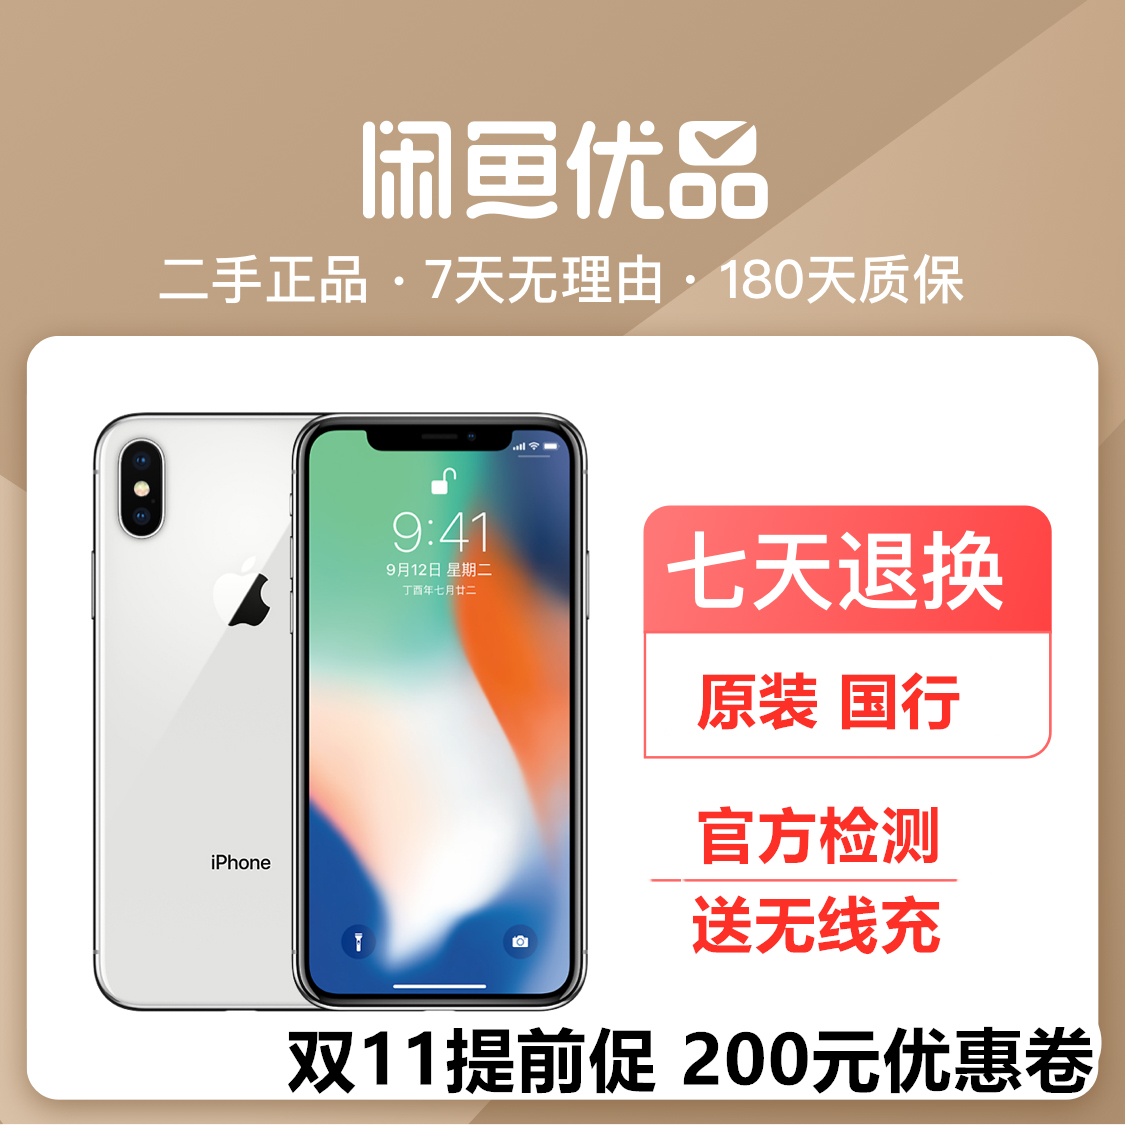 闲鱼优品苹果iPhoneX手机官换机原装苹果8plus苹果x二手手机